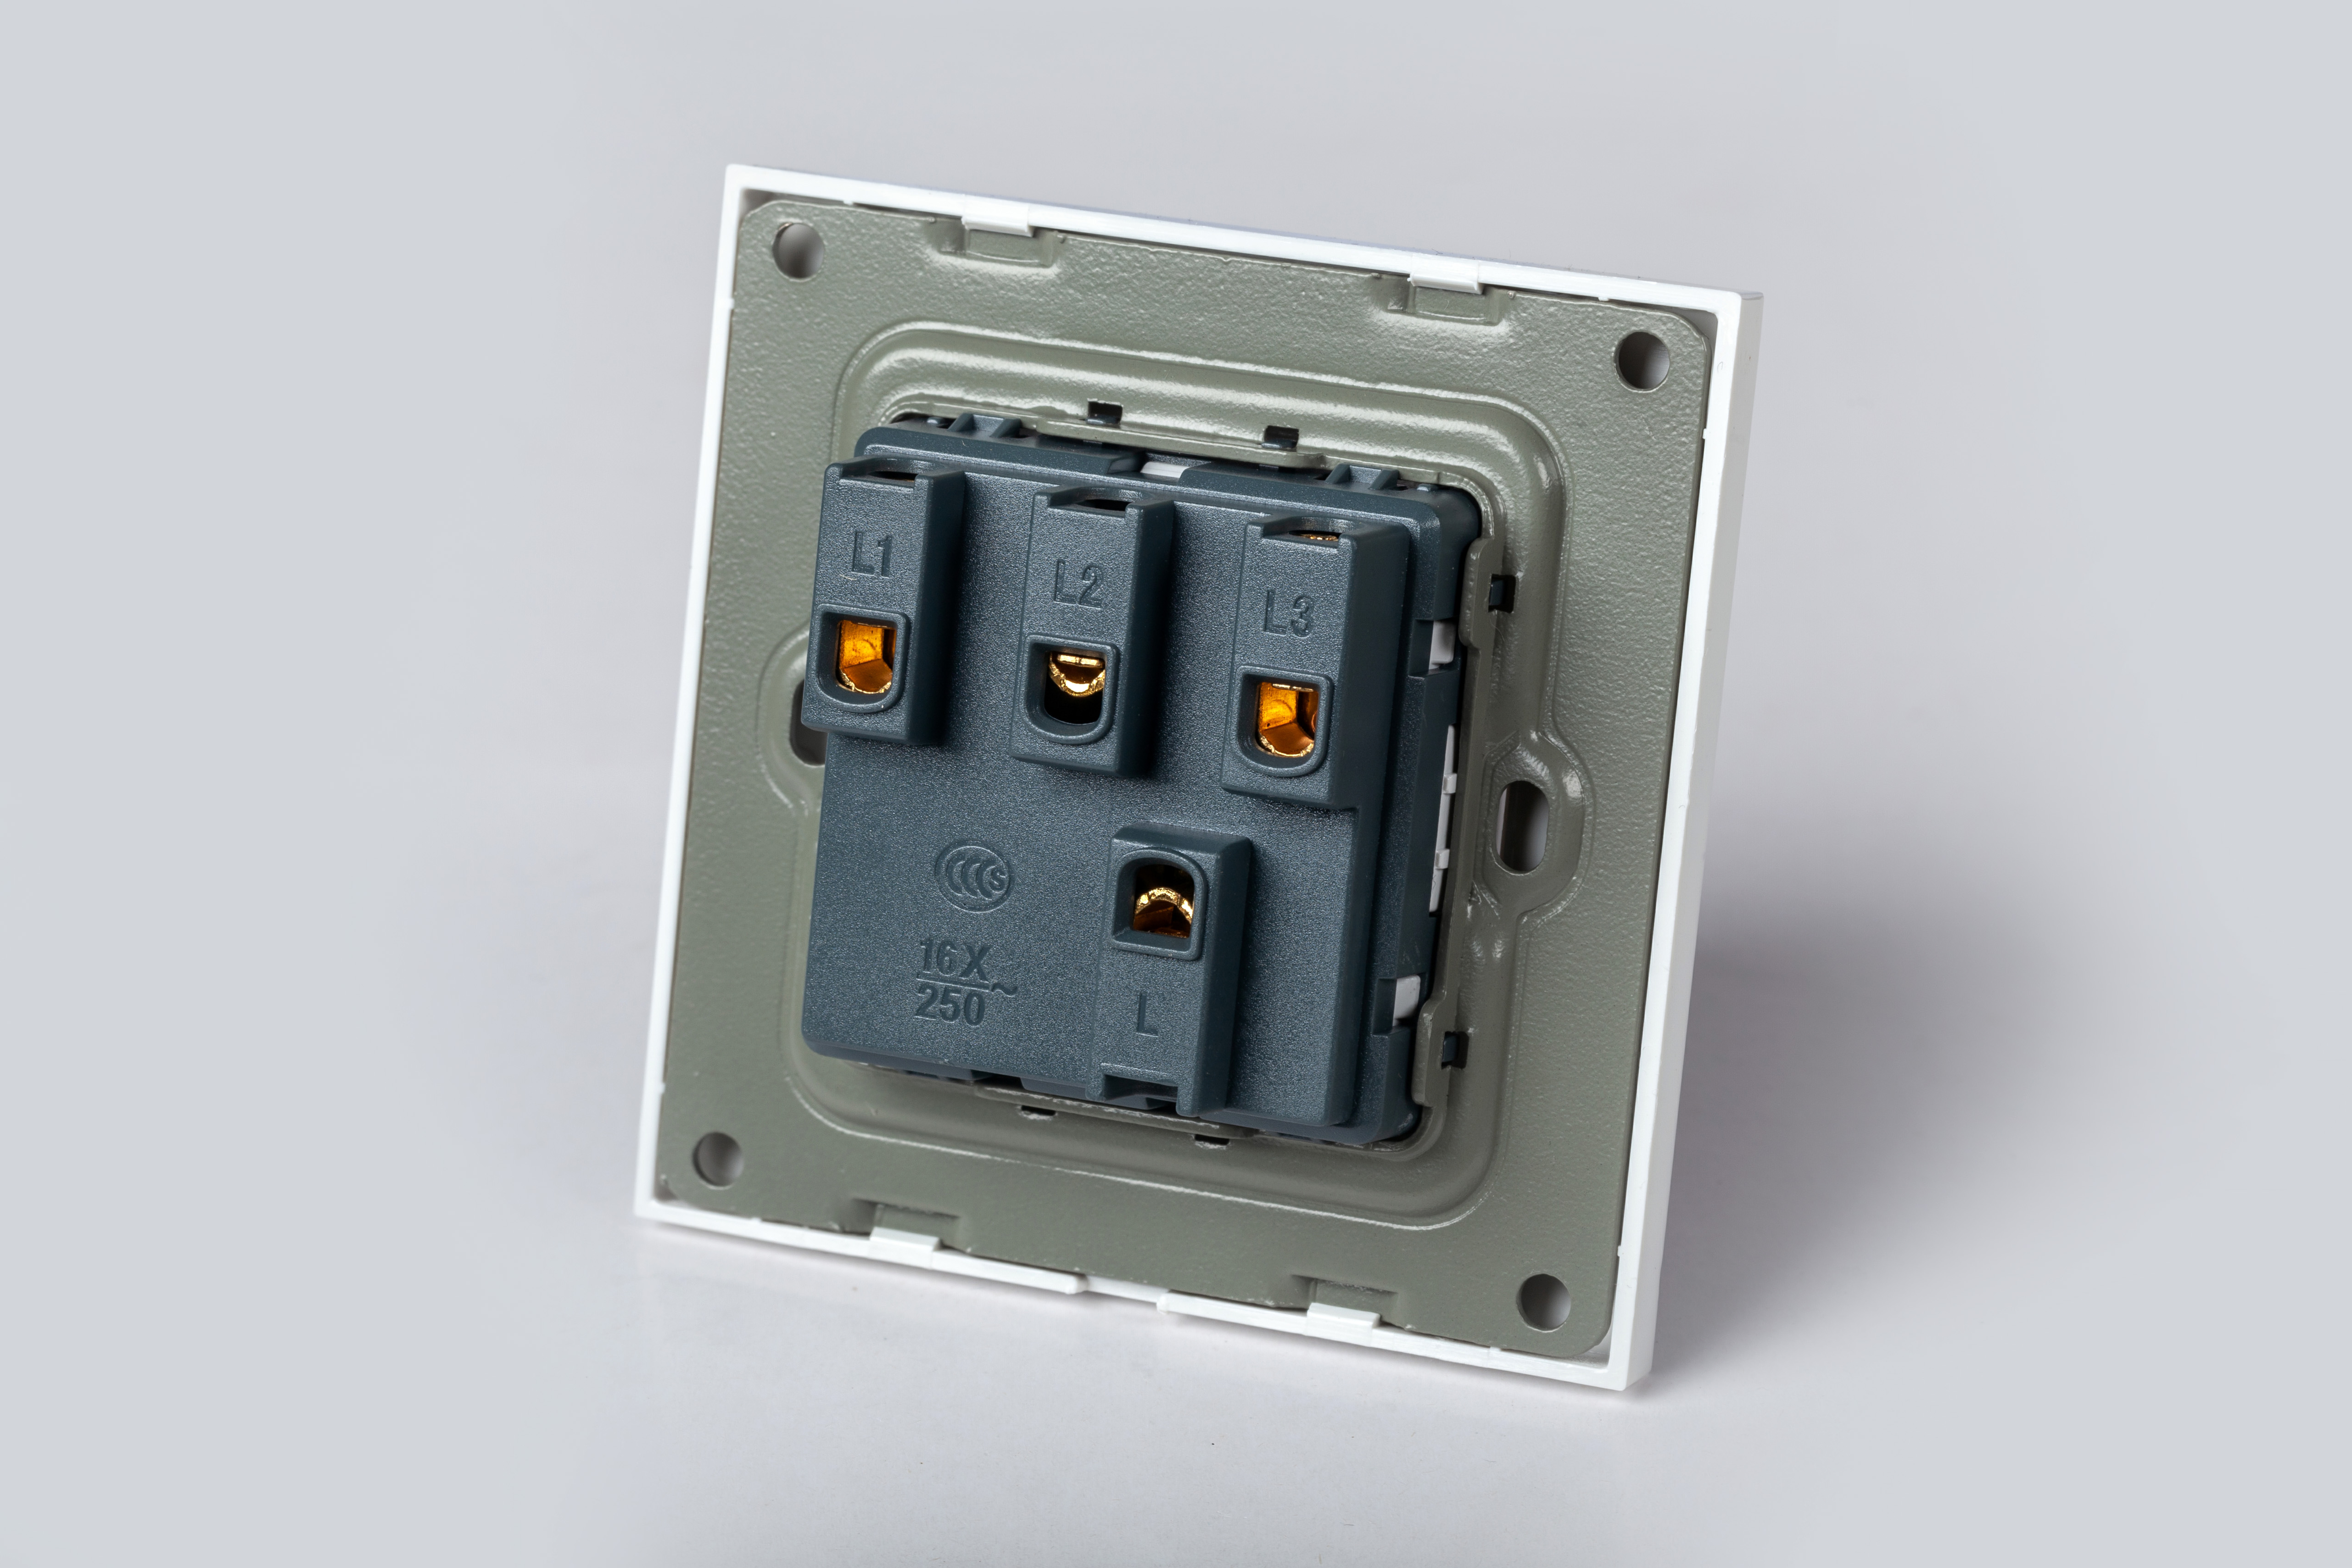 Công tắc điện đôi âm tường mặt vuông nhựa trắng kèm đế âm đơn LG-F21-002 - Hàng Chính Hãng